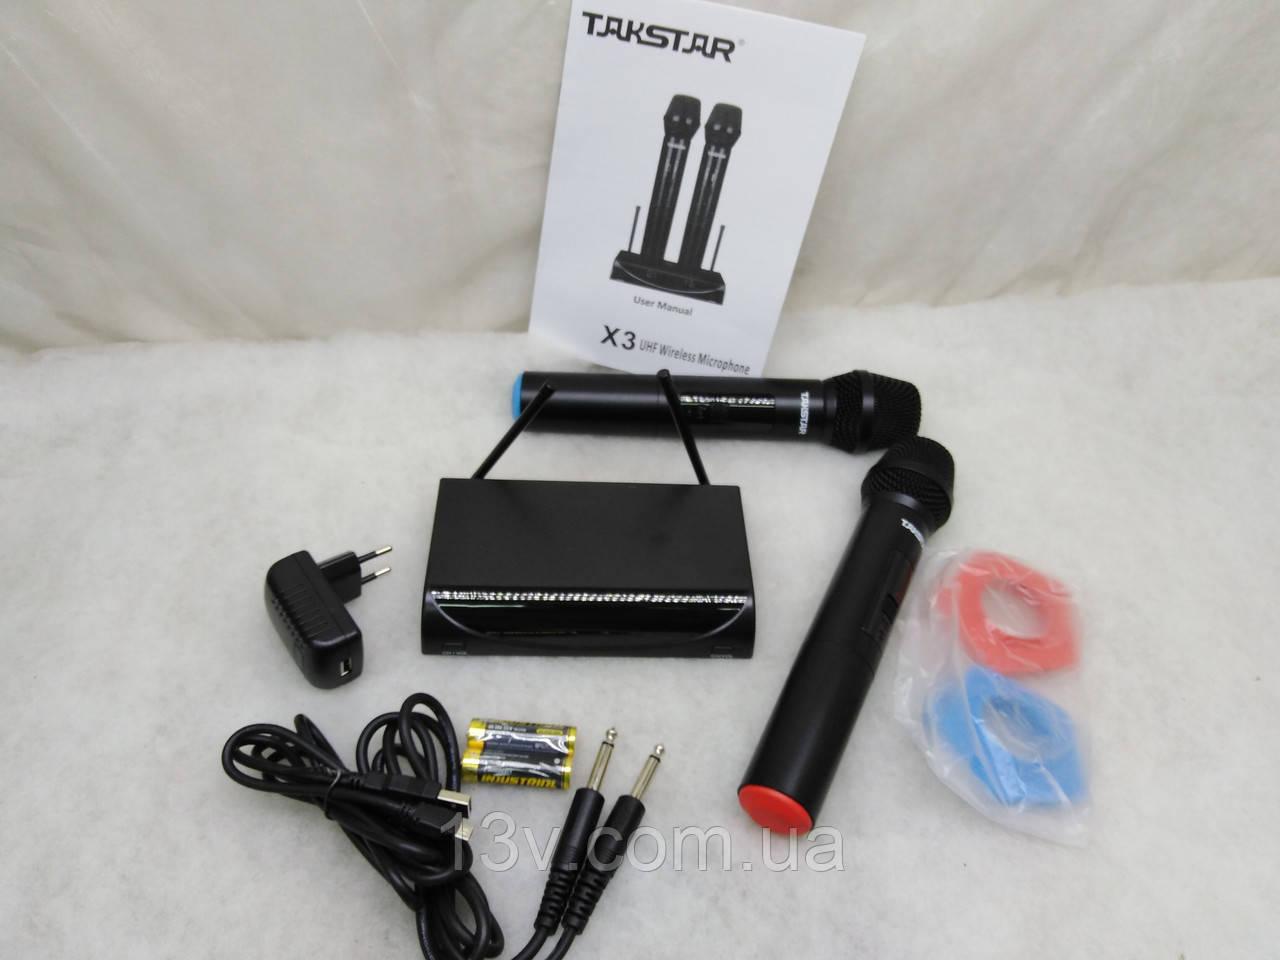 Радіомікрофон (Радиомикрофон) Takstar X3